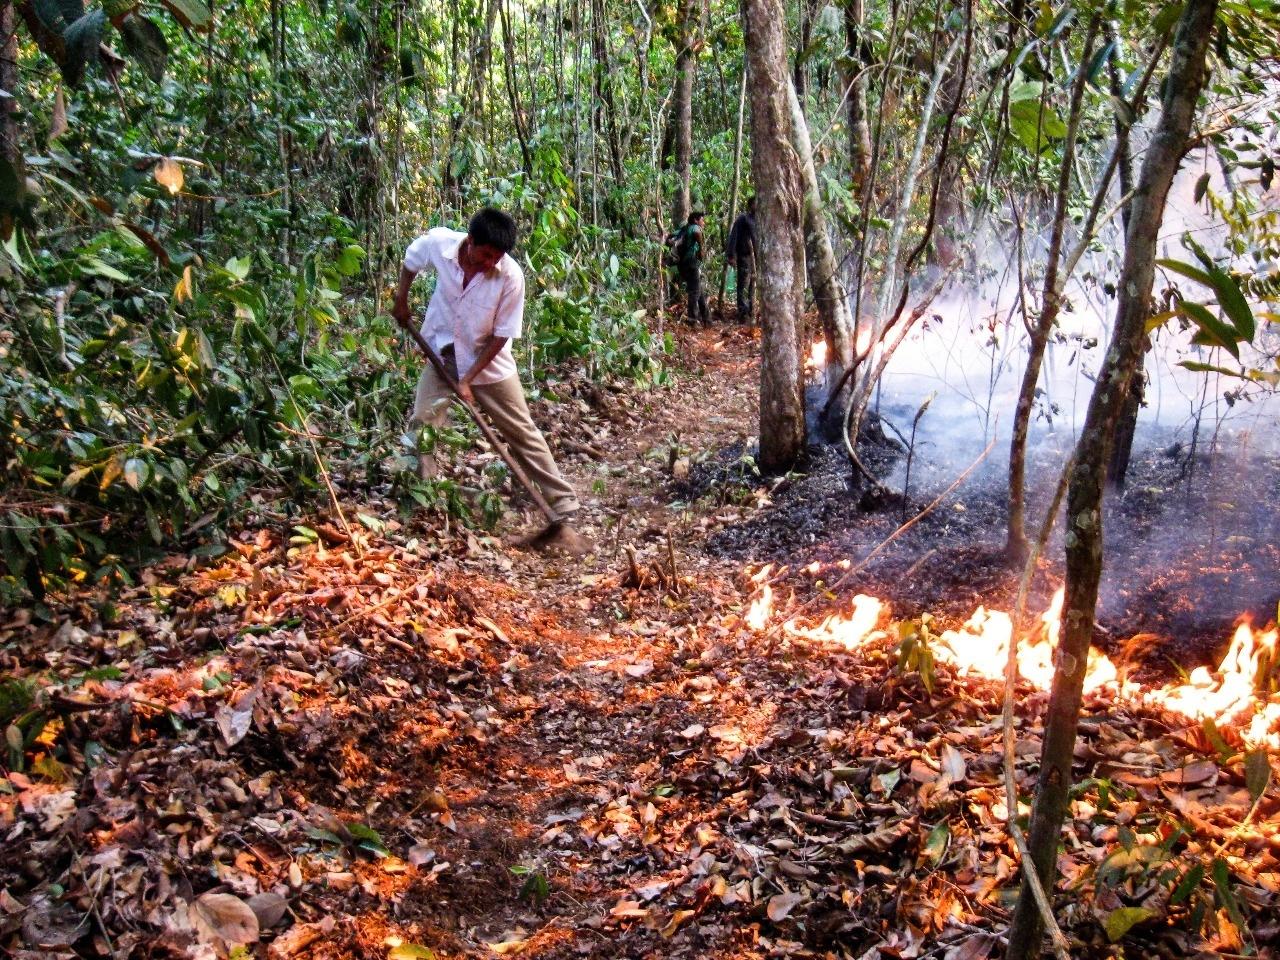 Com Amazônia mais seca, indígenas adaptam técnicas ancestrais de plantio